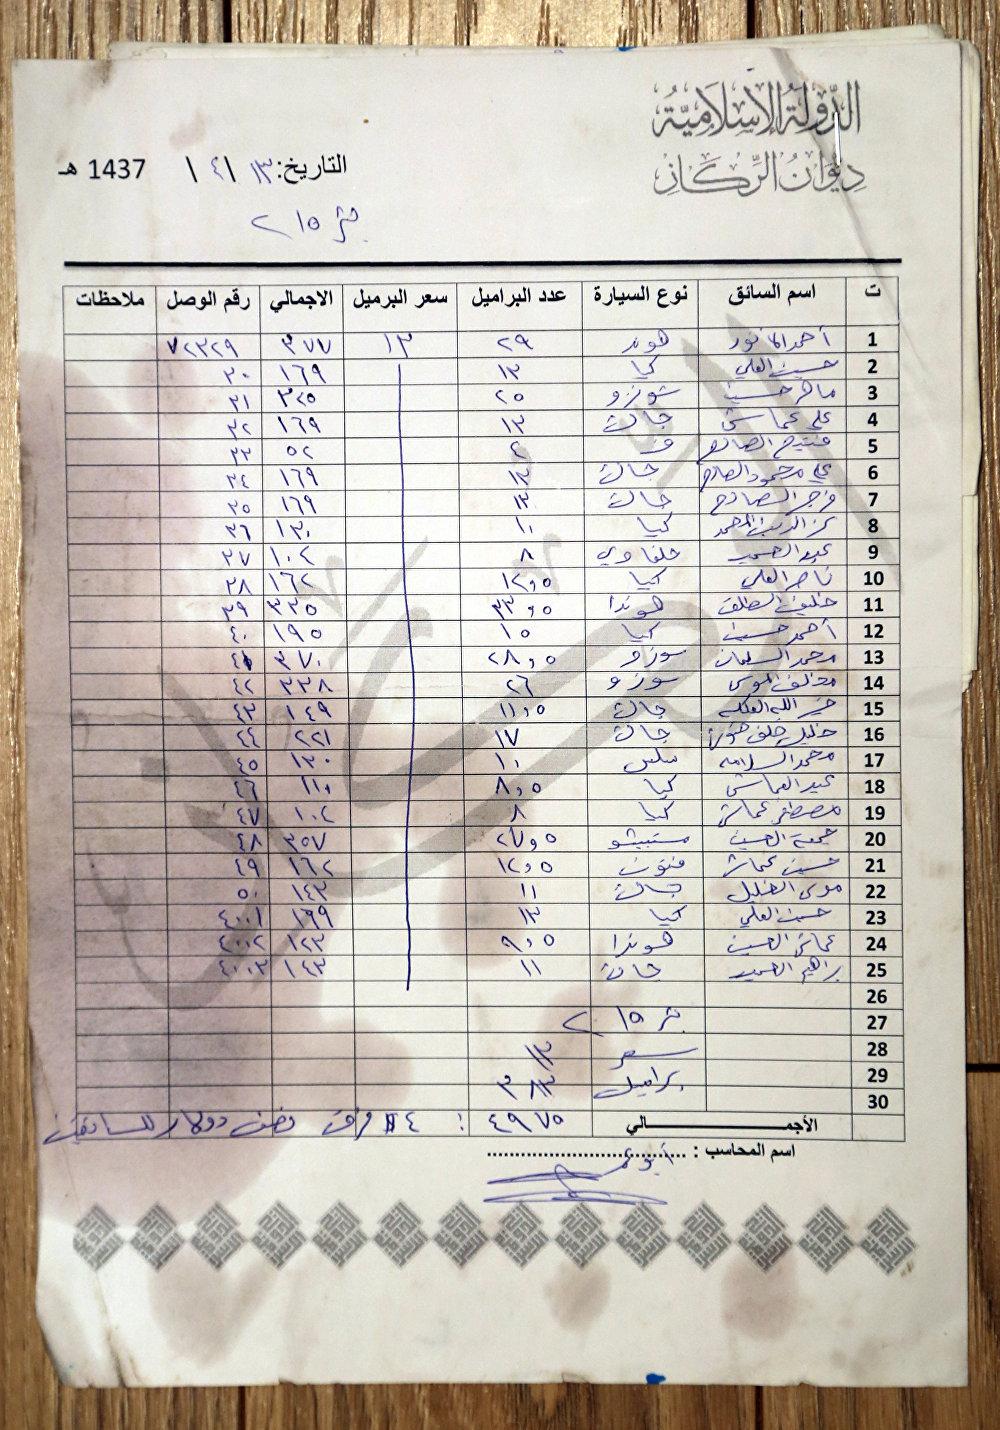 從IS控制區將石油運往各地的司機和車輛名單